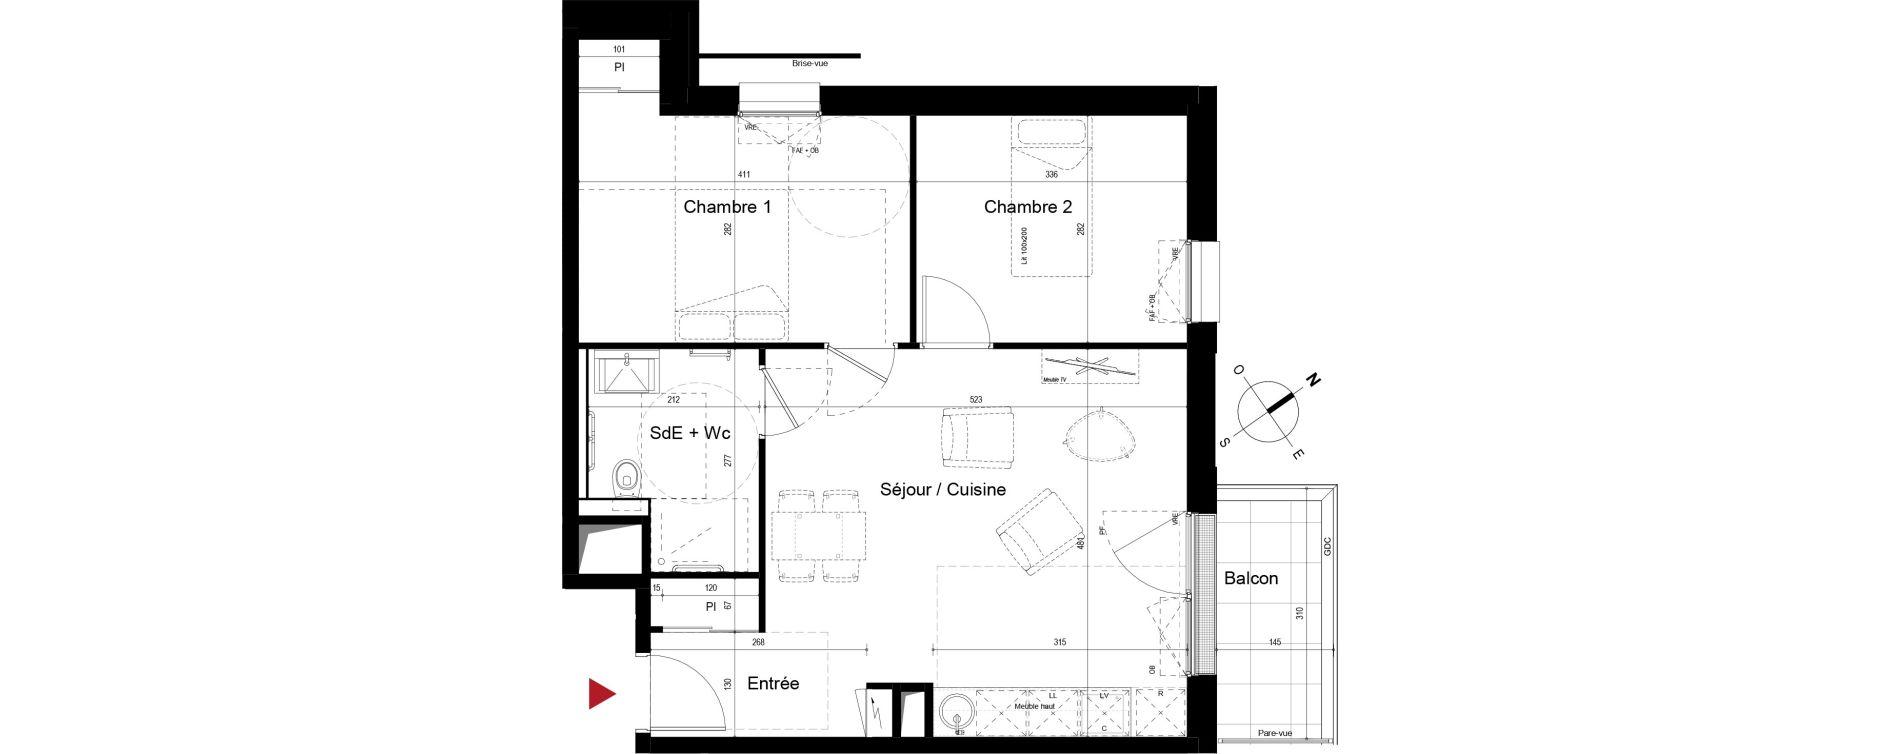 Appartement T3 meublé de 54,53 m2 à Royan Centre